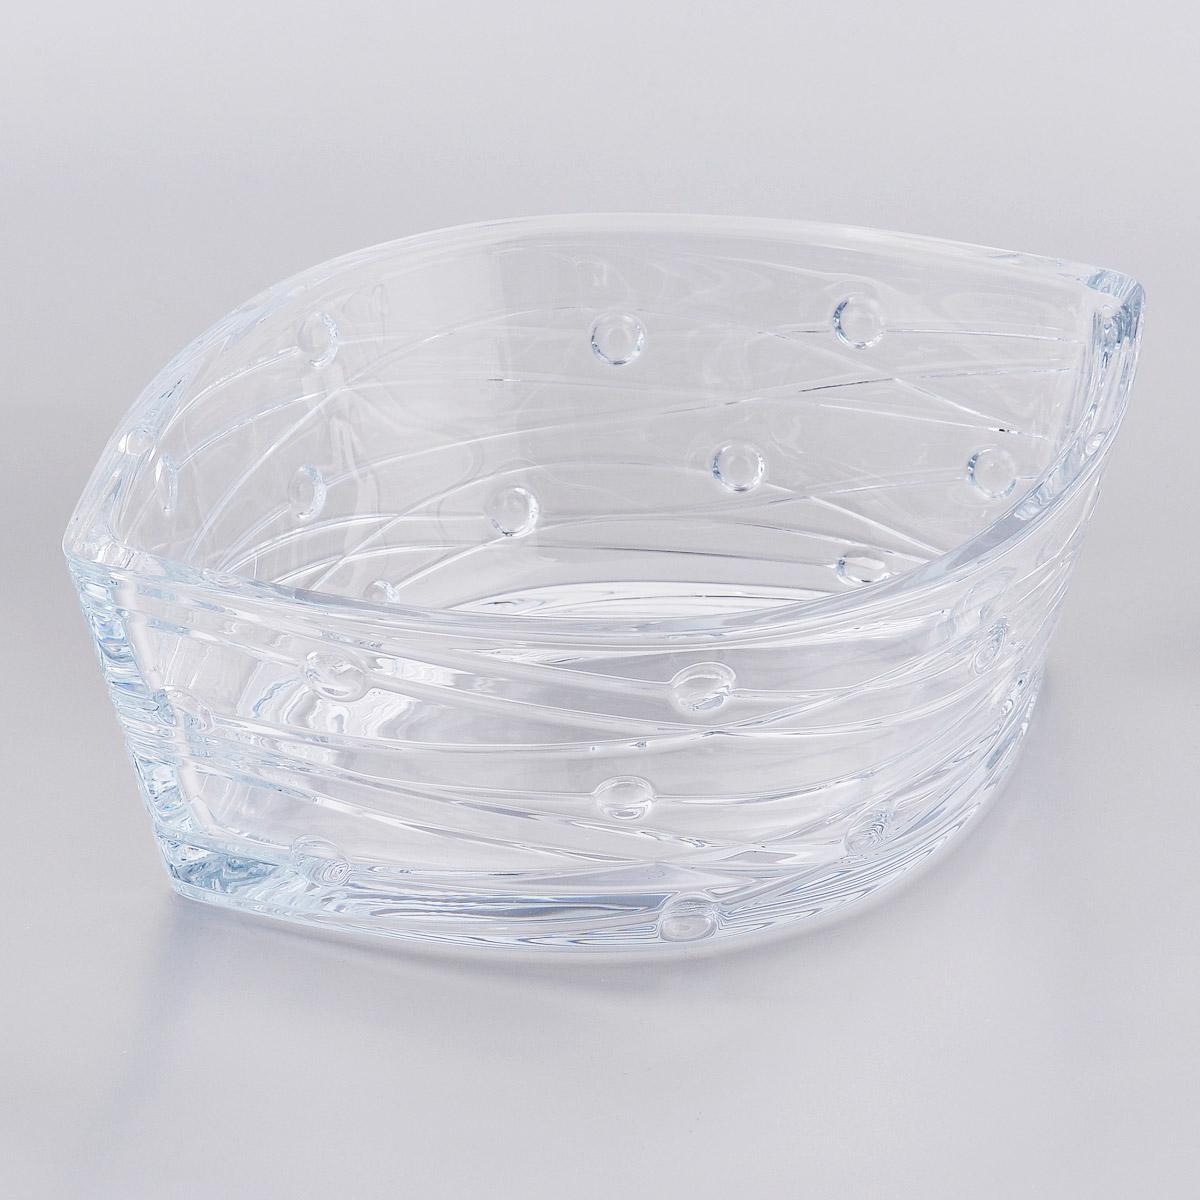 Салатник Crystalite Bohemia Лабиринт, 30 см х 22,5 см х 10 см6K878/0/99J52/305Салатник Crystalite Bohemia Лабиринт изготовлен из прочного утолщенного стекла кристалайт. Салатник имеет оригинальную форму, что делает его изящным украшением праздничного стола. Внешние стенки украшены оригинальным рельефом. Изделие красиво переливается и излучает приятный блеск. Прекрасно подходит для сервировки салатов, закусок, конфет, пирожных и т.д.Салатник Crystalite Bohemia Лабиринт - это изысканное украшение праздничного стола, которое удивит вас и ваших гостей оригинальным дизайном и практичностью. Можно использовать в посудомоечной машине и микроволновой печи.